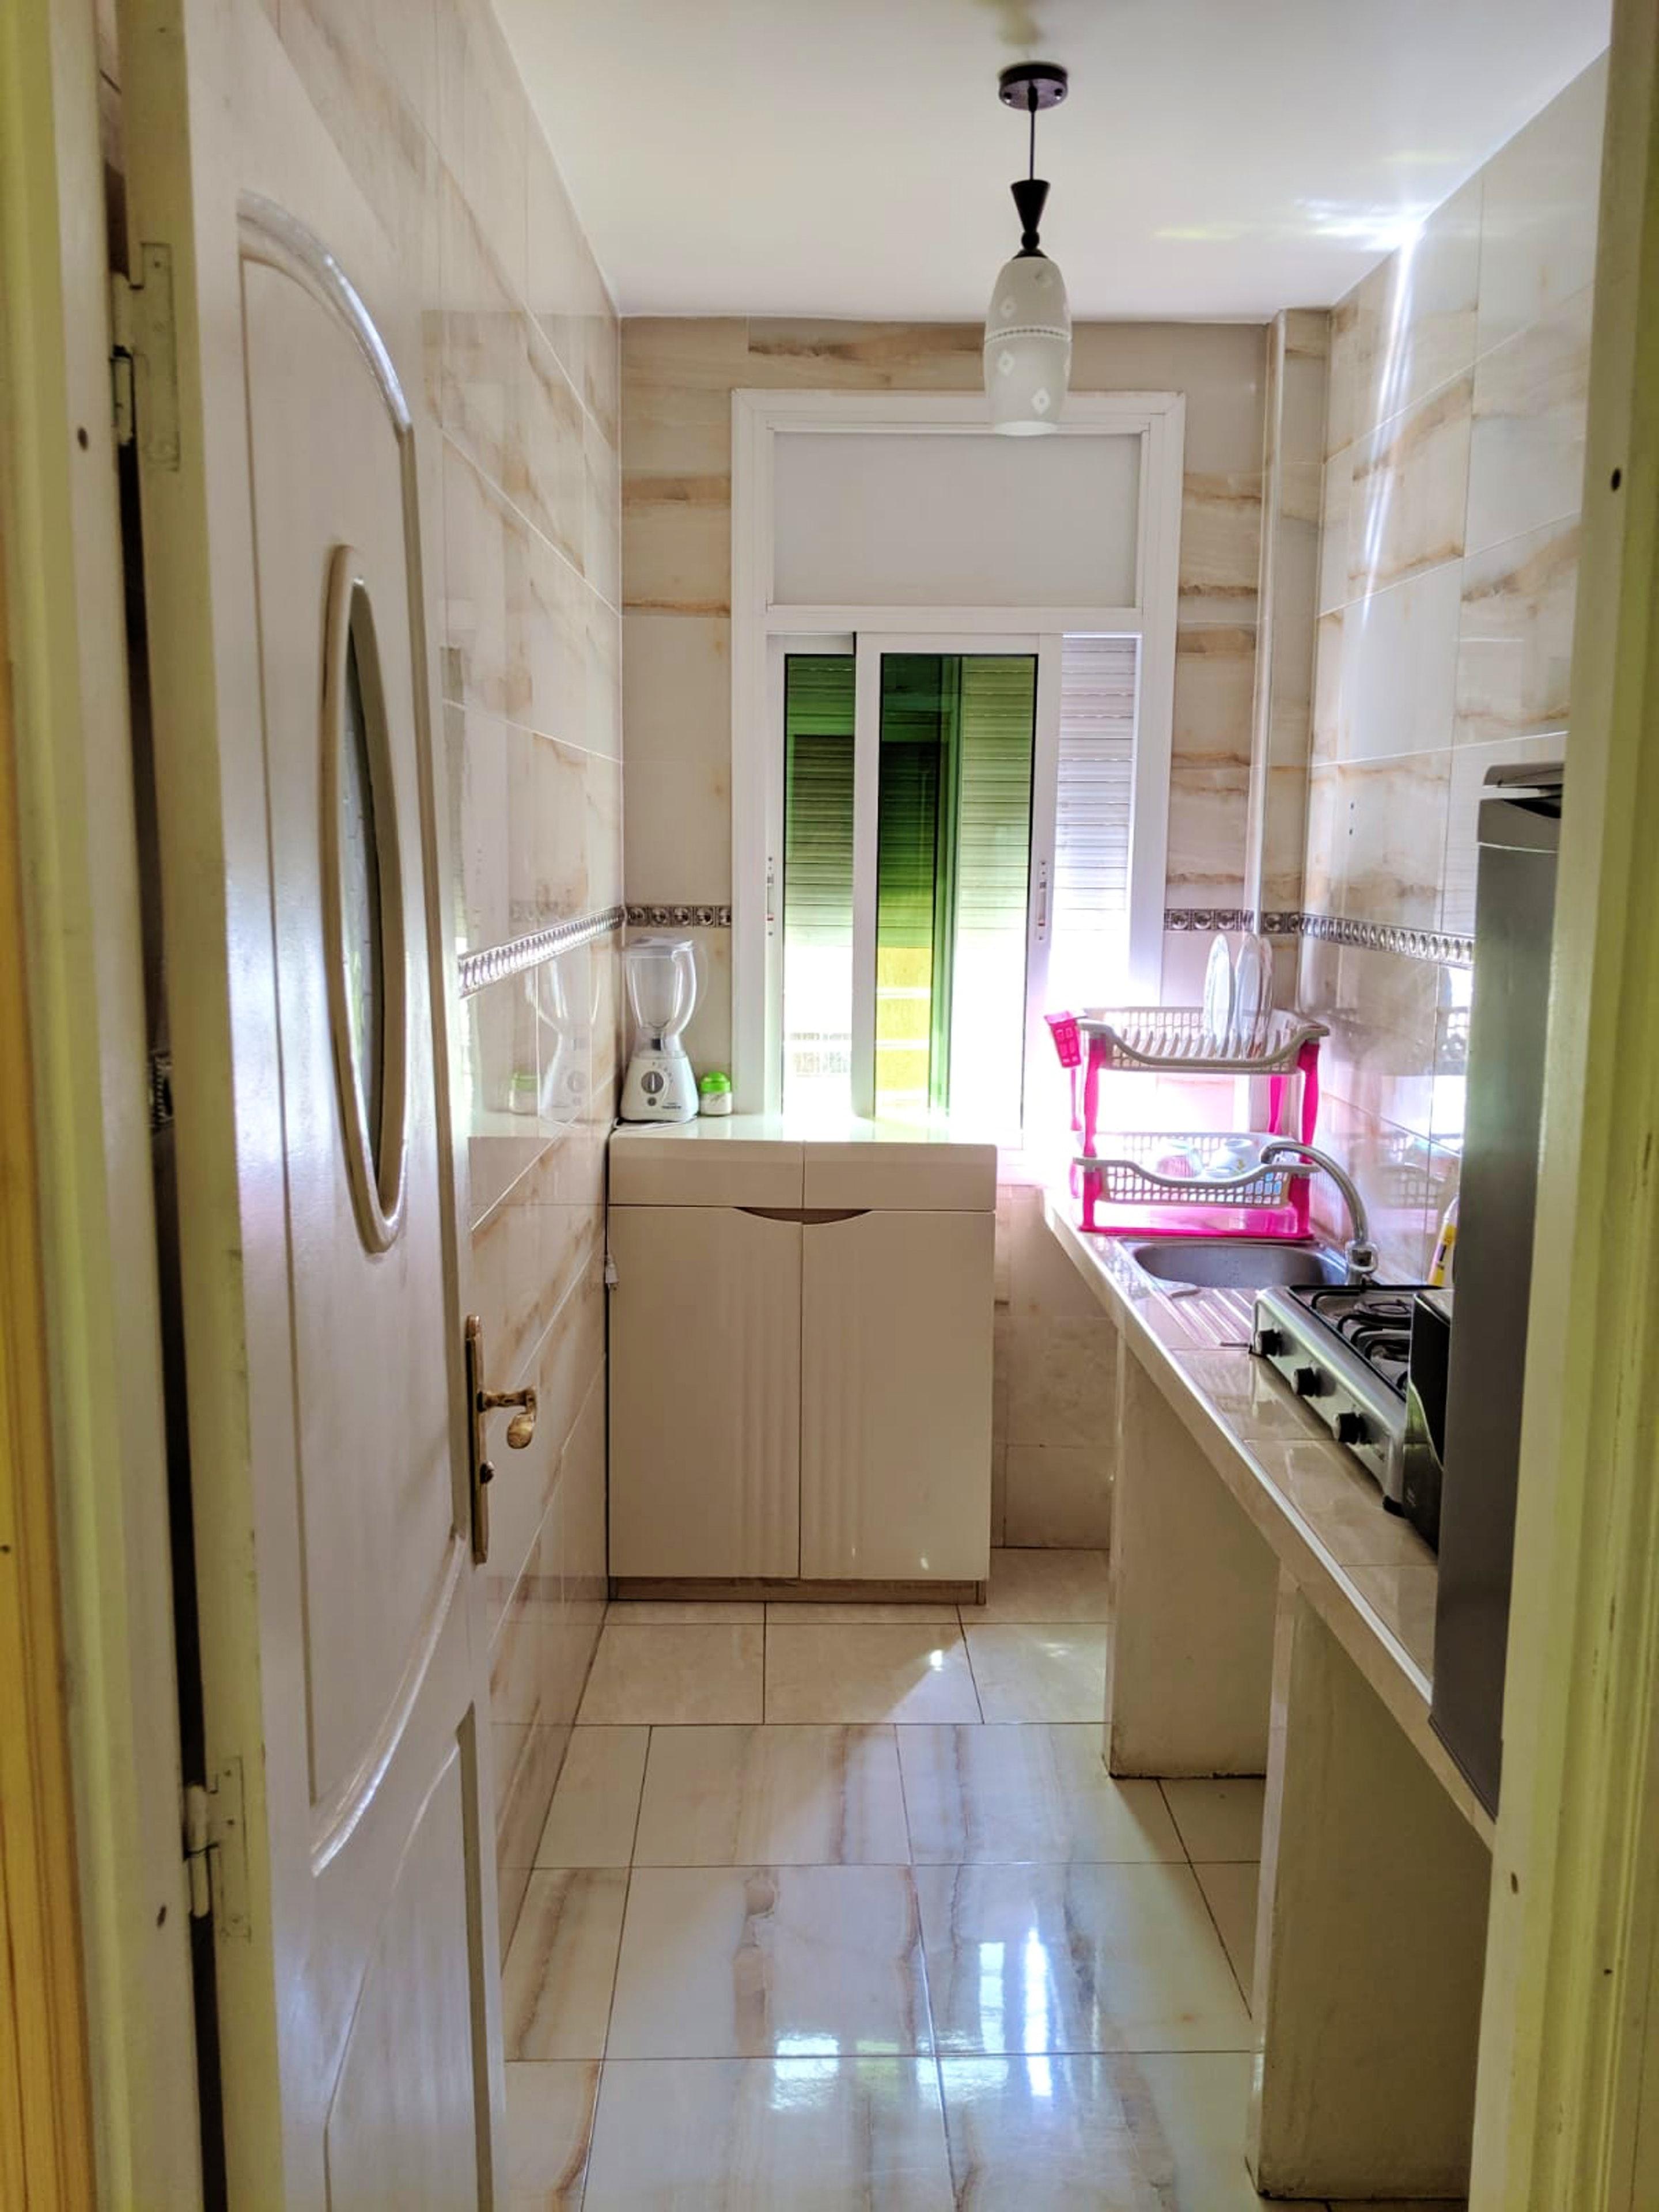 Wohnung mit 2 Schlafzimmern in Kenitra mit sch&oum Ferienwohnung in Marokko